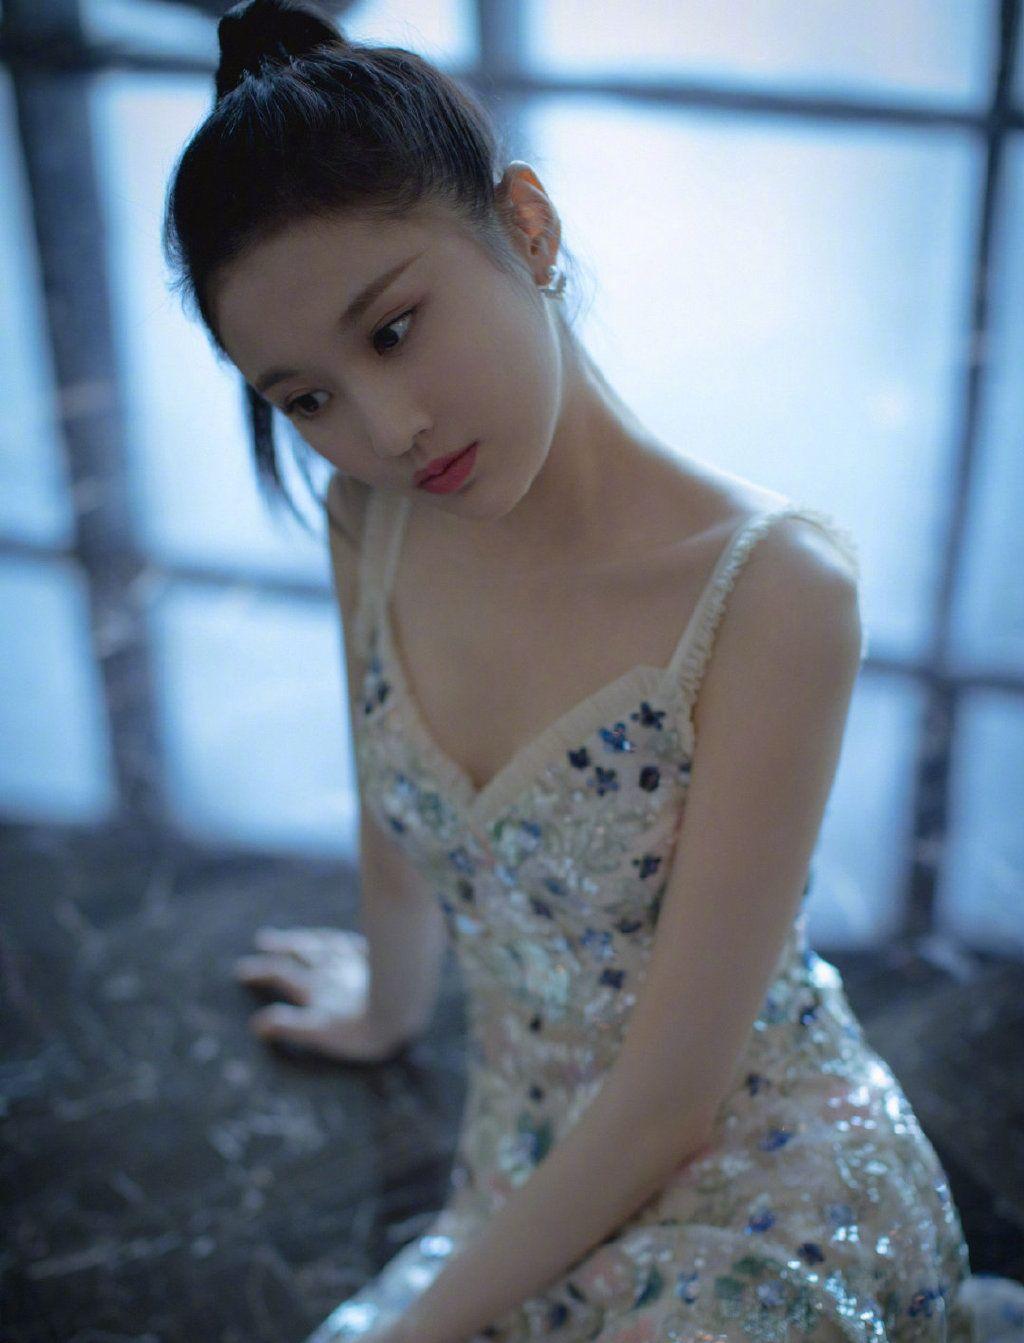 张慧雯闪片烟花吊带裙清澈明朗,美丽动人的小豹雯